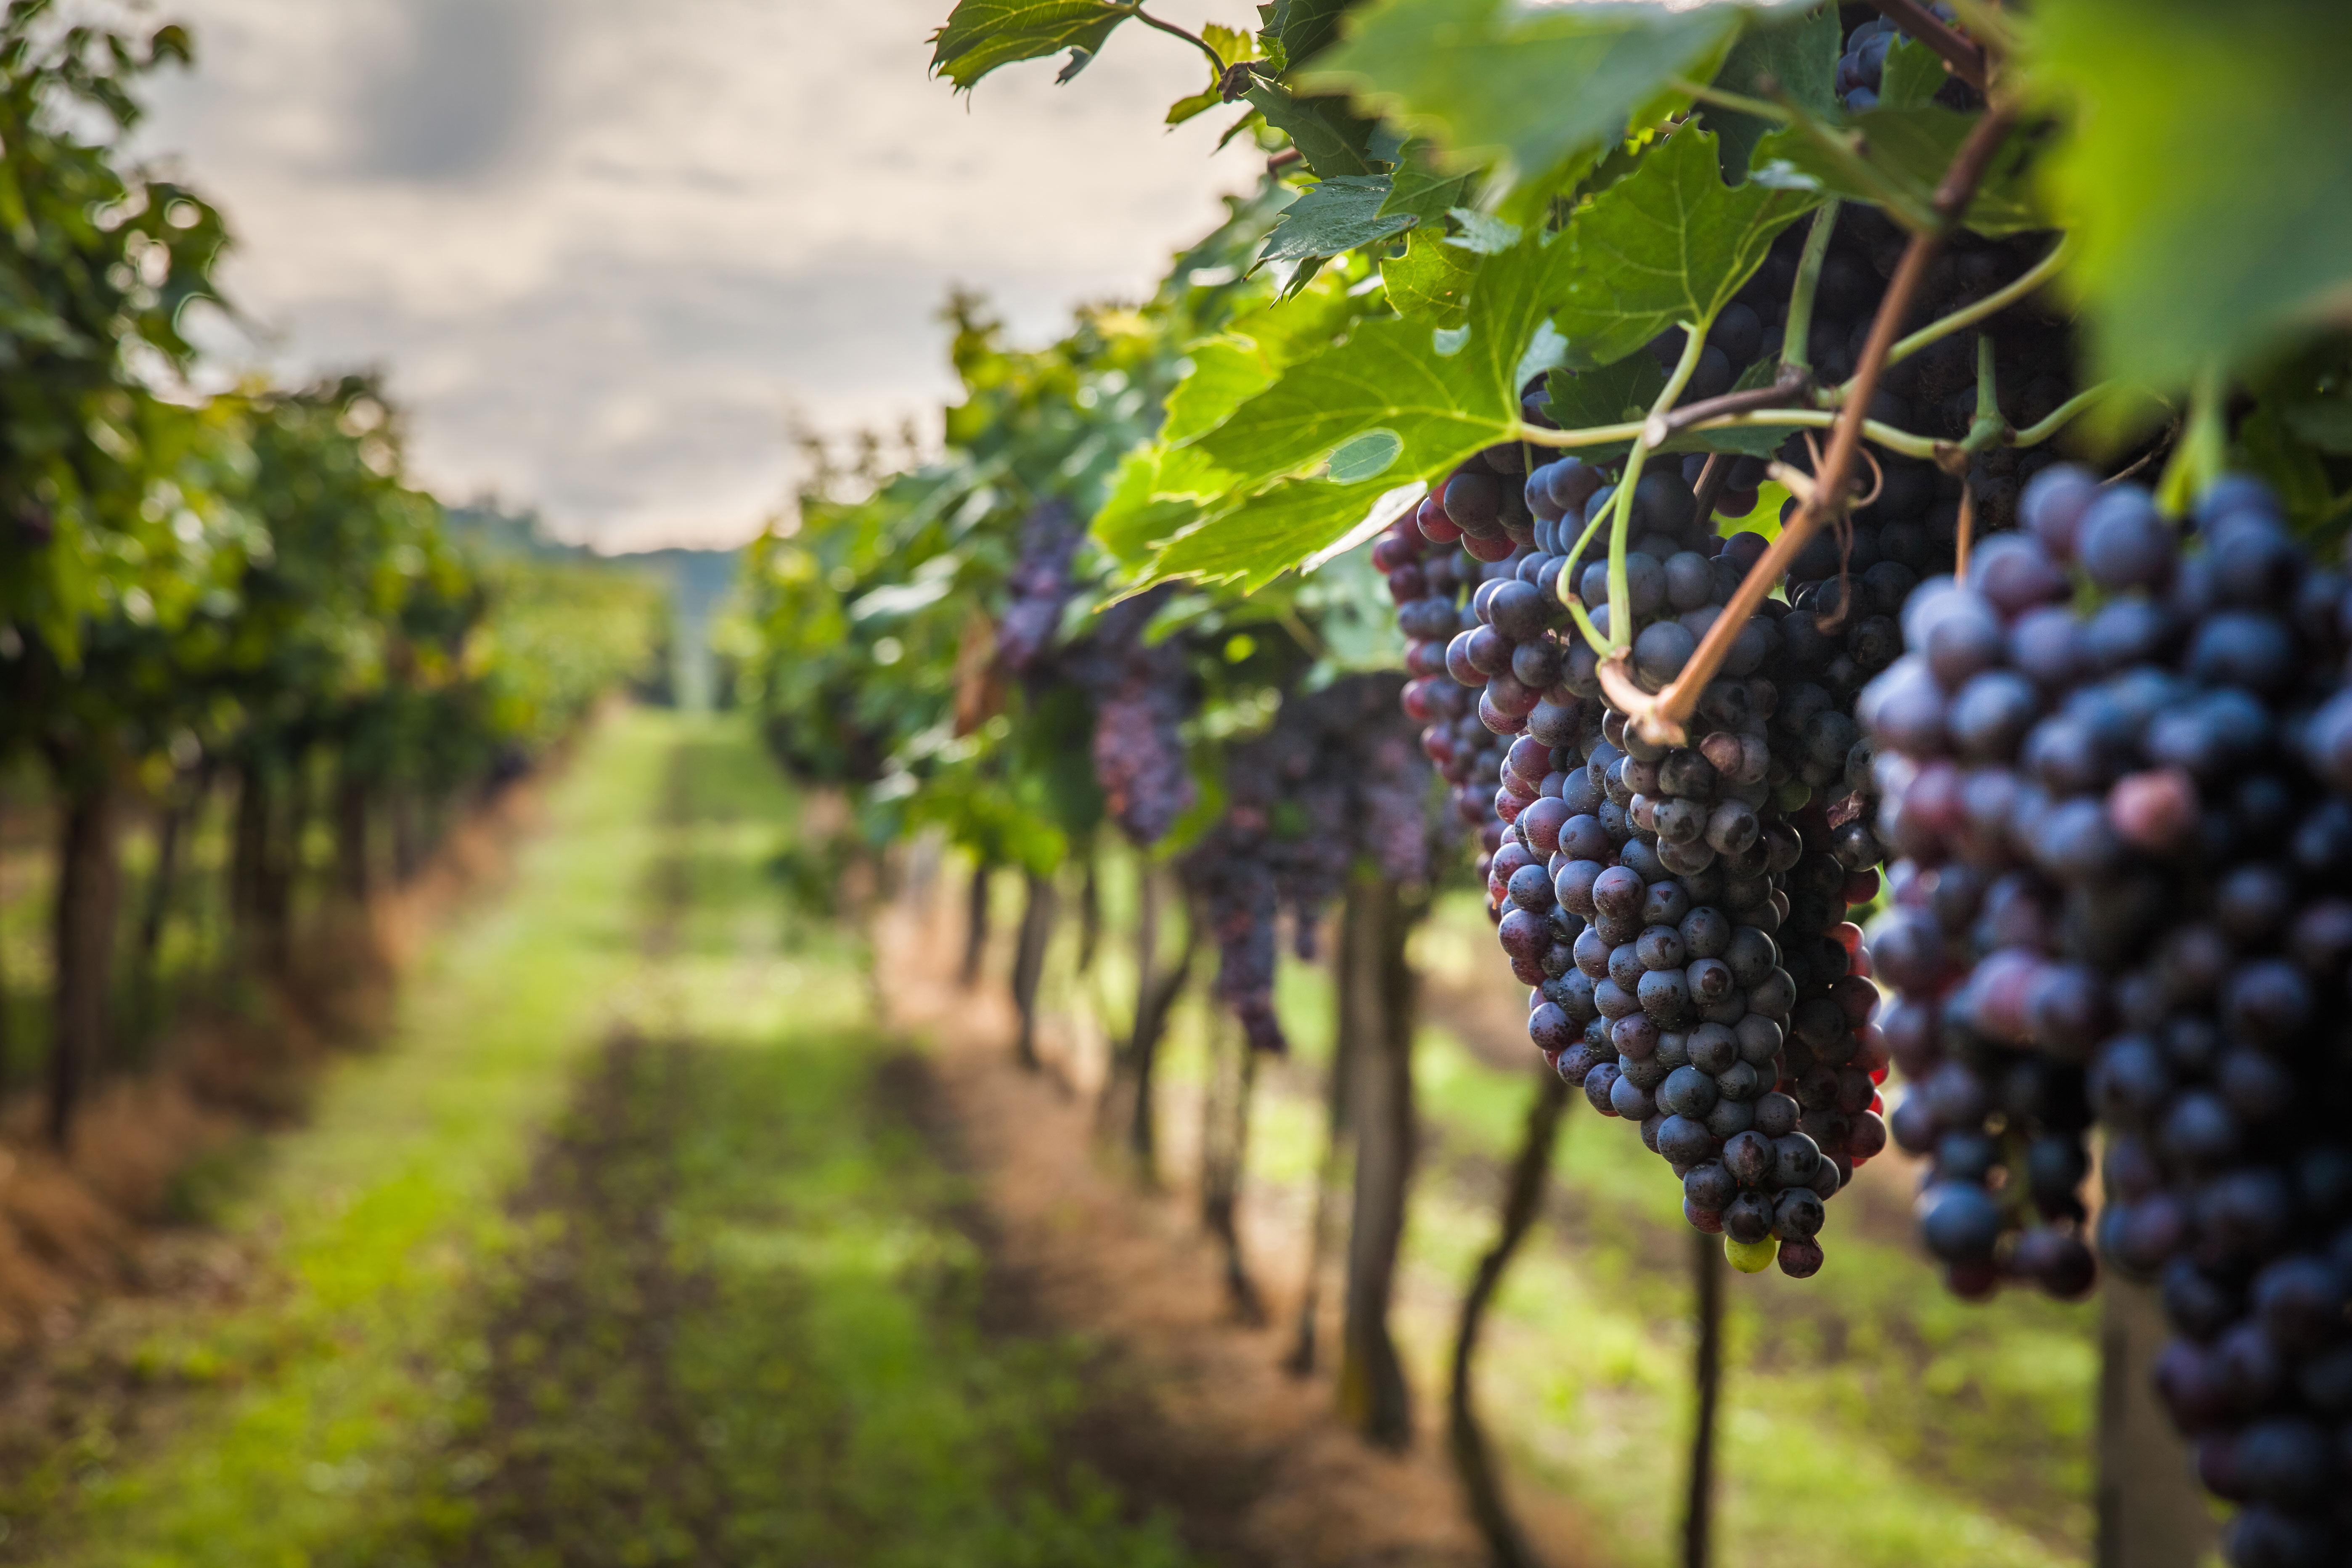 visiter un vignoble